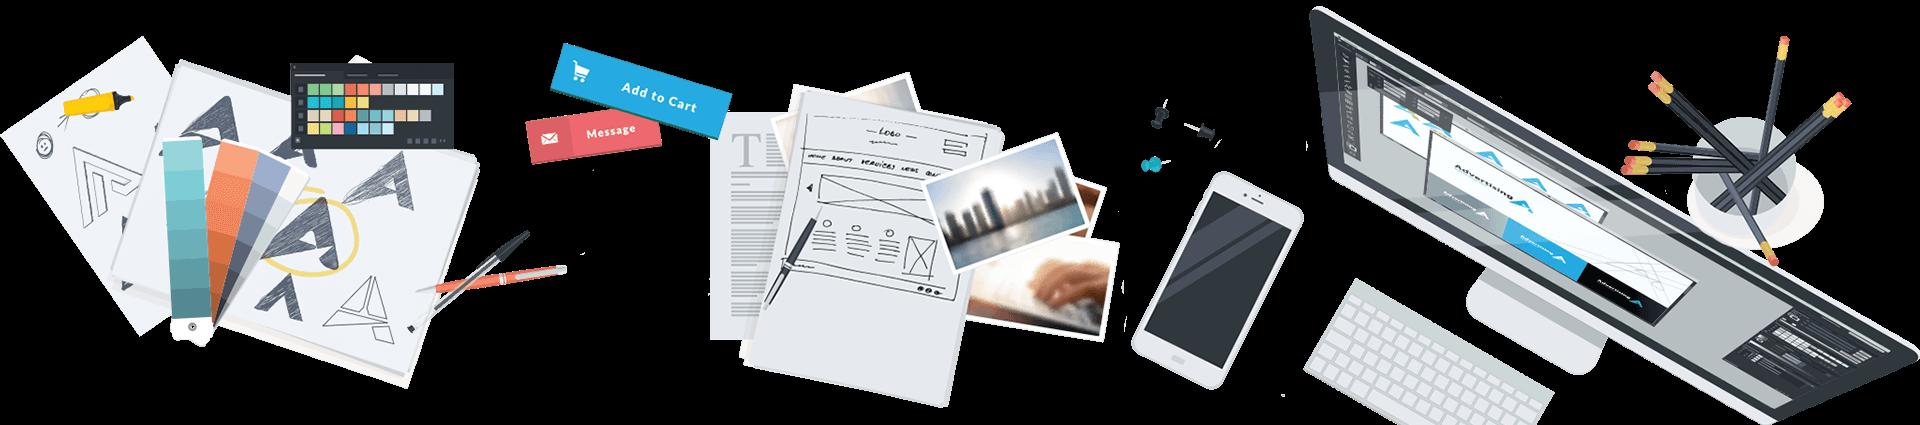 امکانات طراحی وب سایت